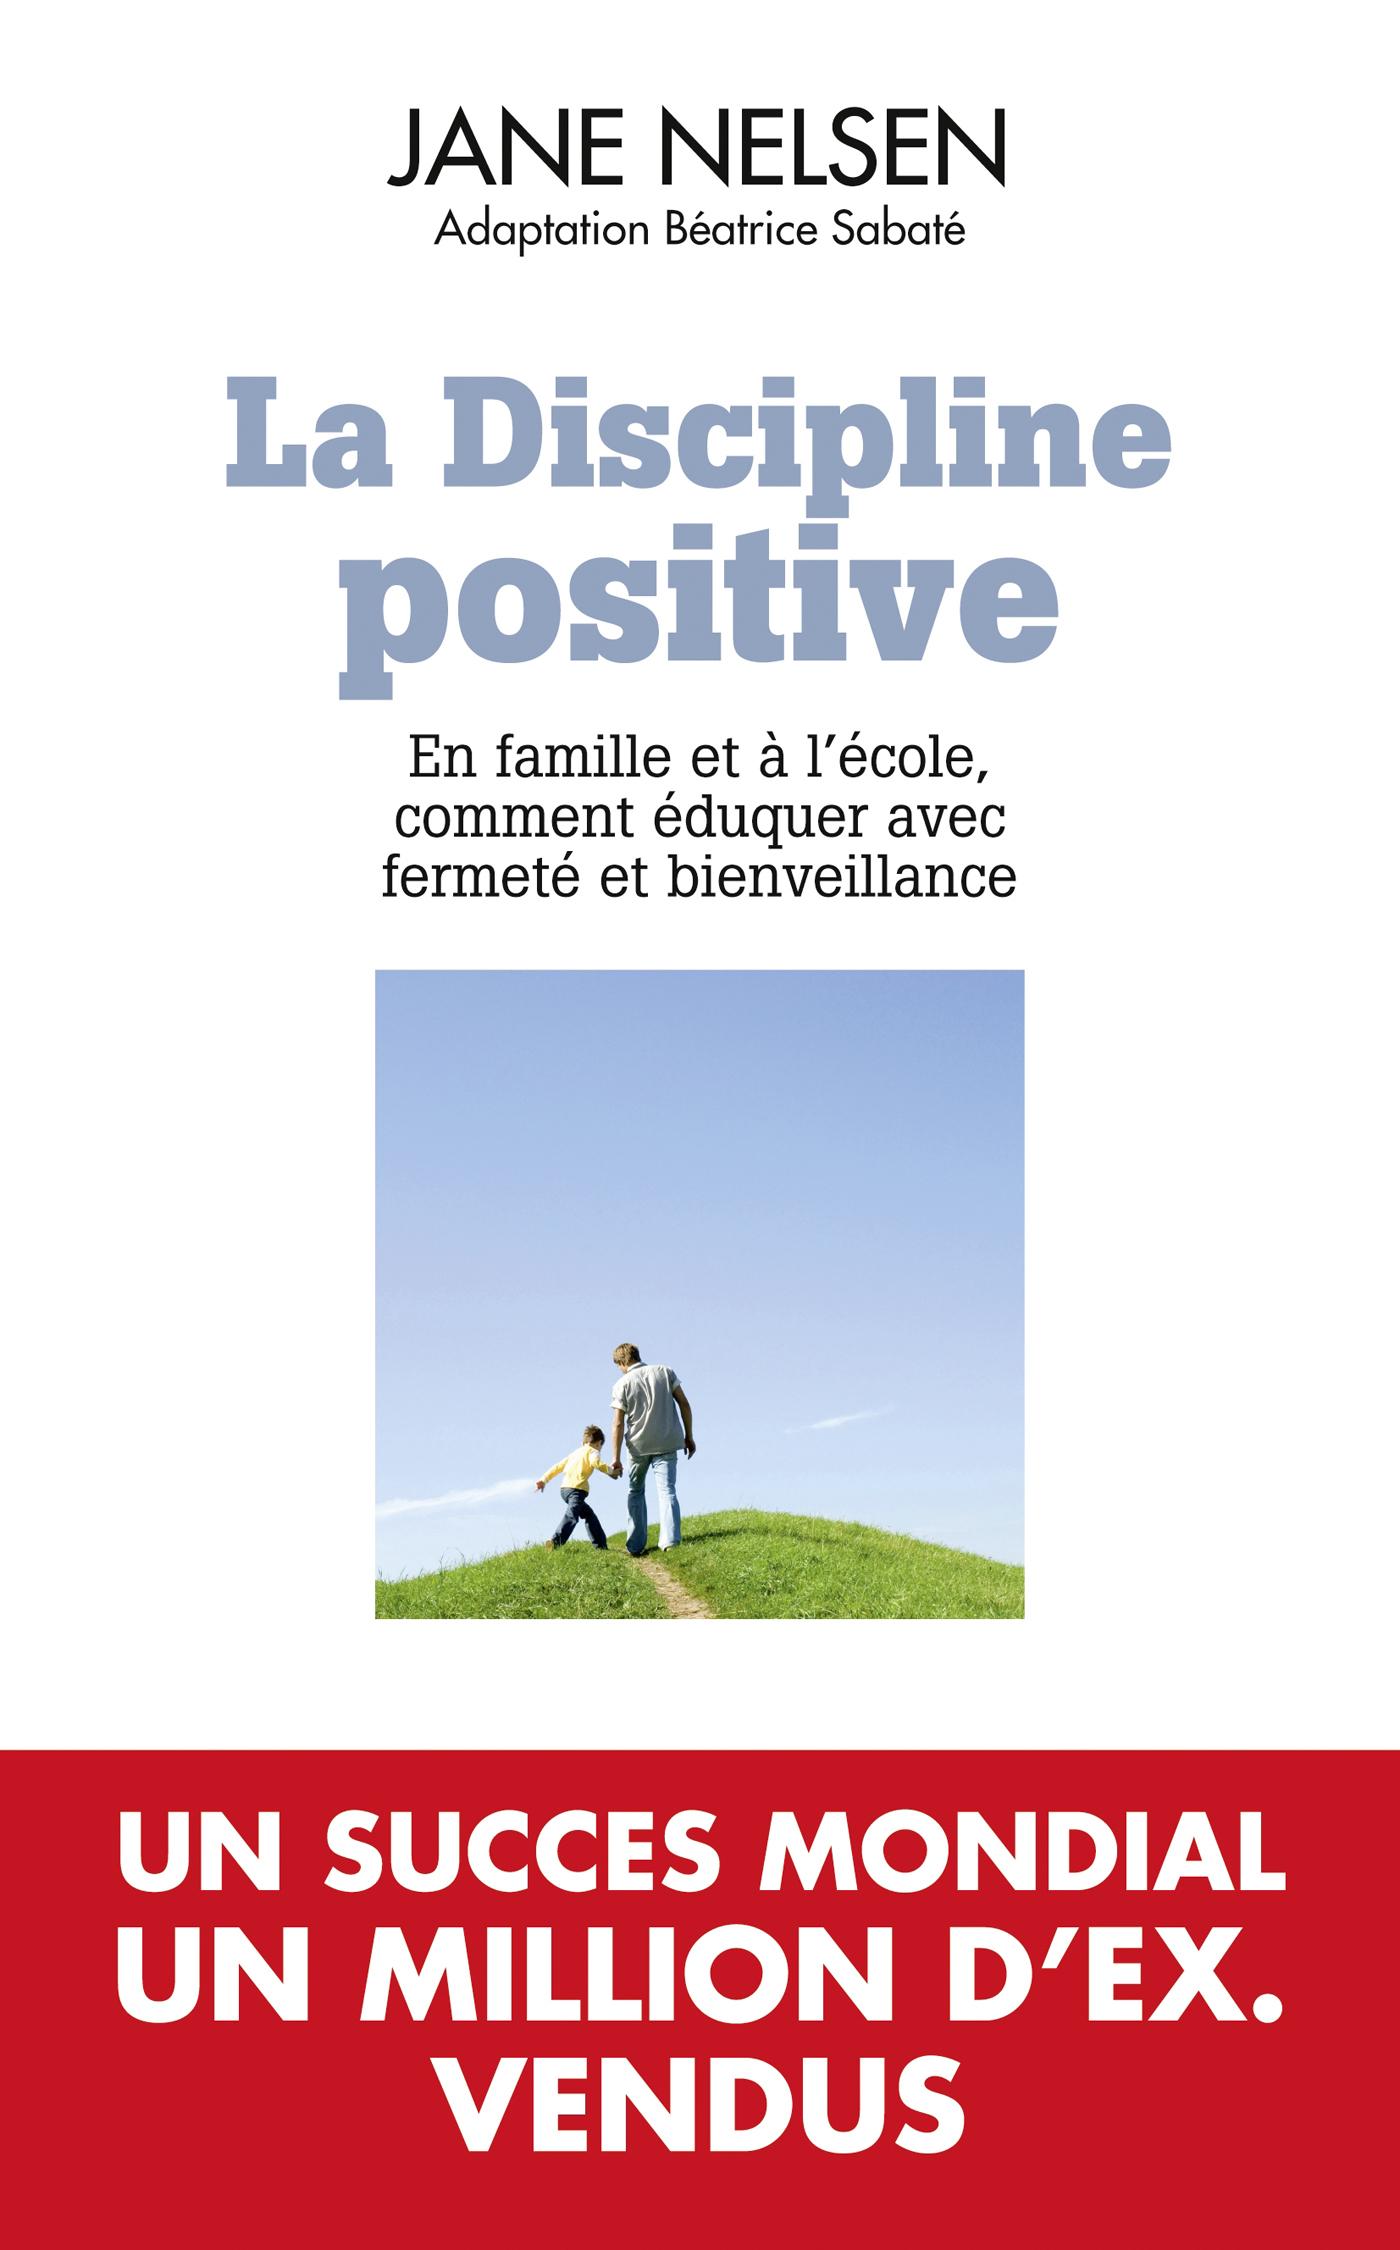 LA DISCIPLINE POSITIVE - EN FAMILLE ET A L'ECOLE COMMENT EDUQUER AVEC FERMETE ET BIENVEILLANCE